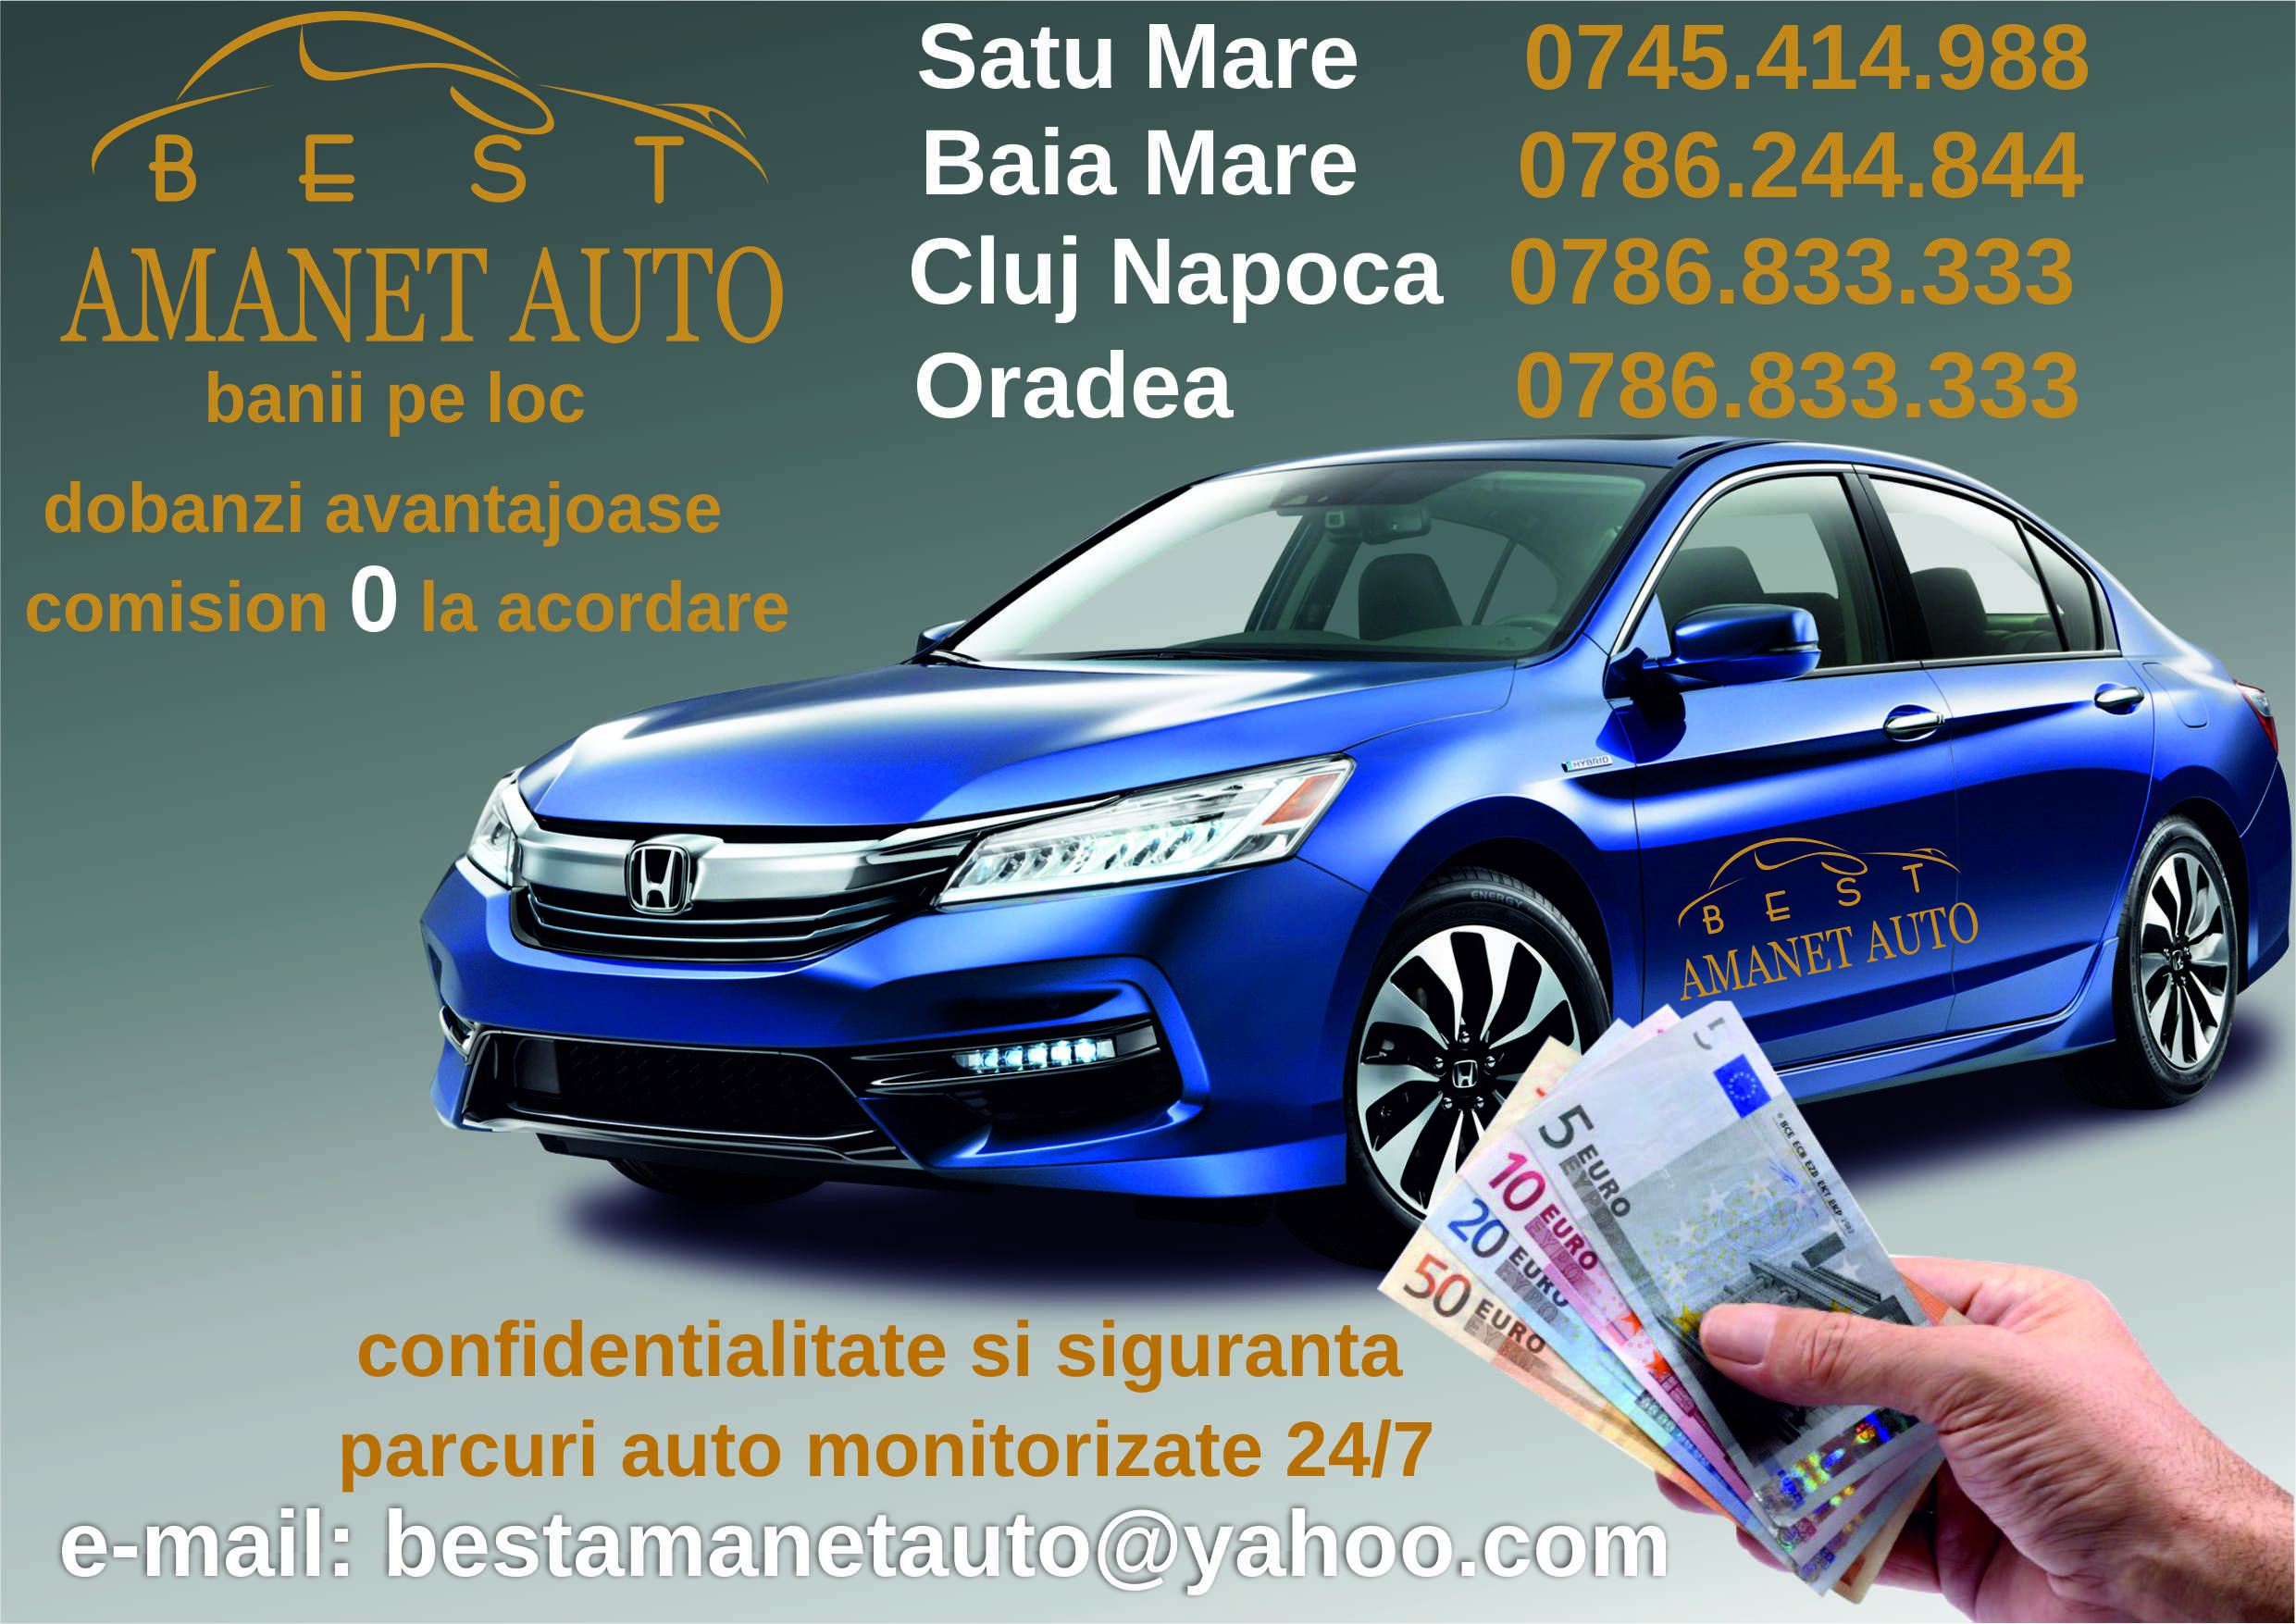 amanet_auto